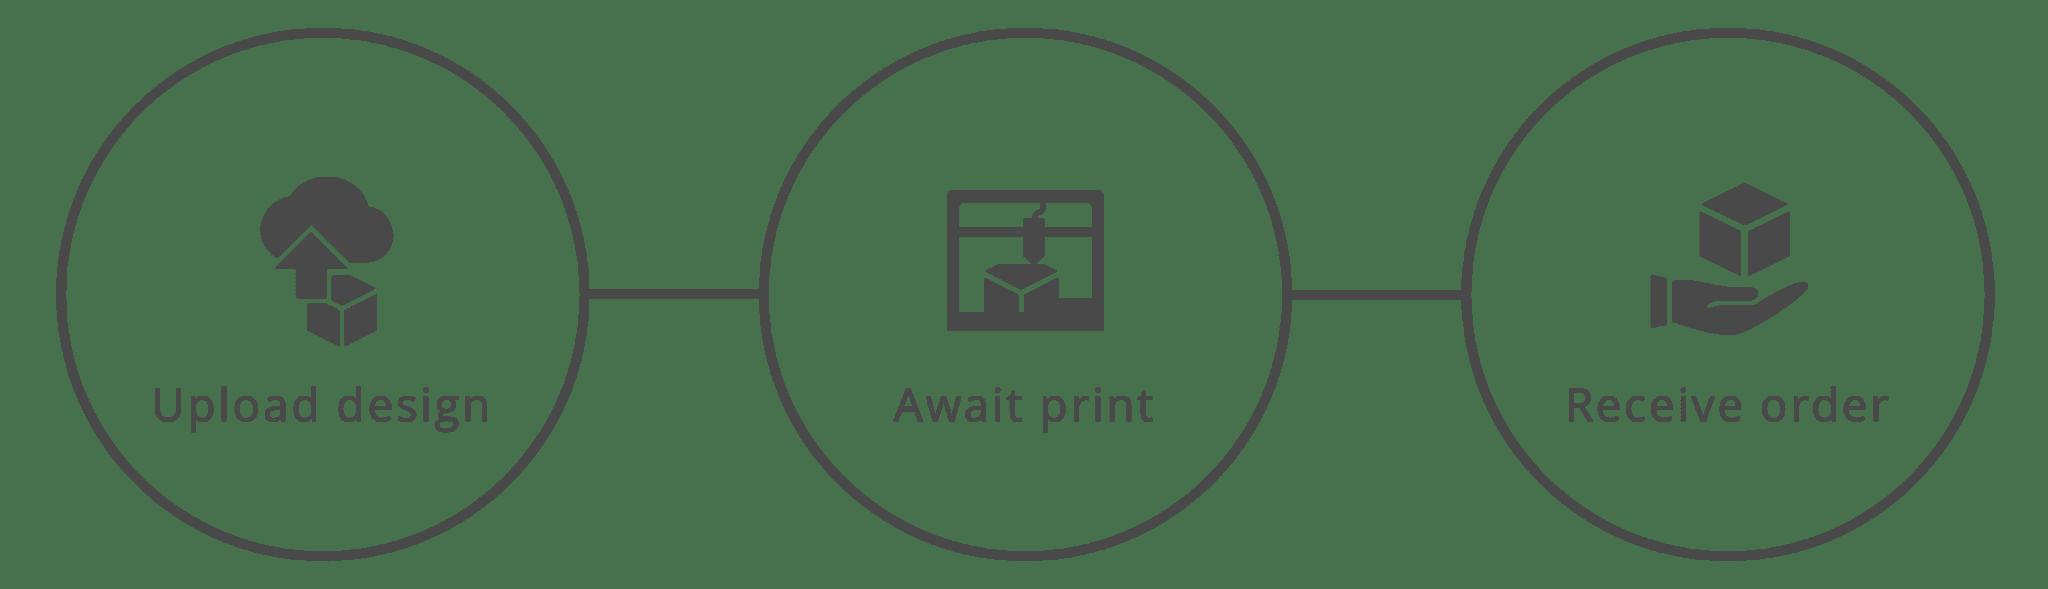 Ladda upp designen du vill 3d-printa, vänta på oss att printa den, ta emot den 3d-printade komponenten du köpt.